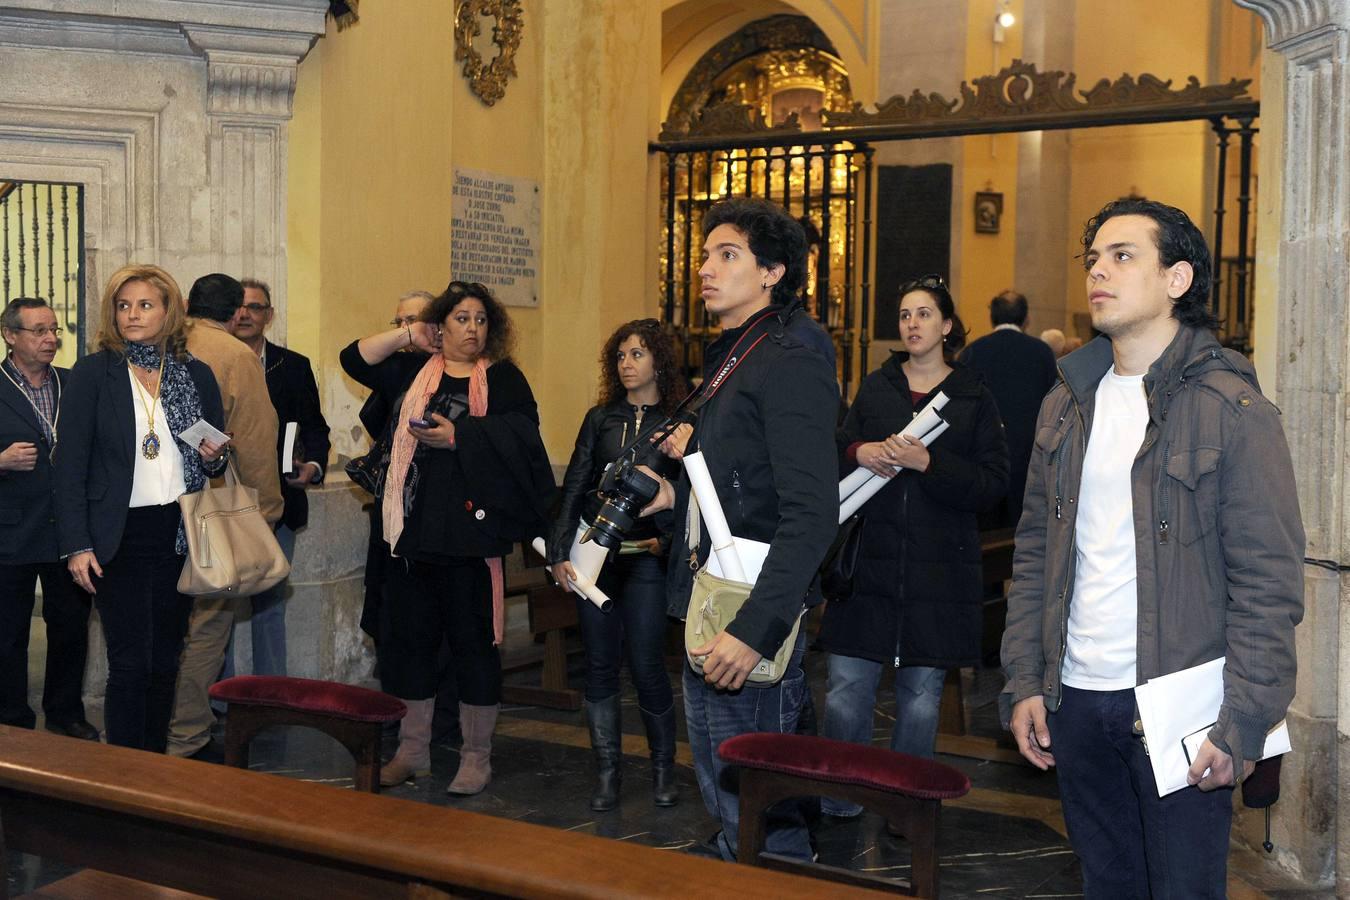 Actores de 'Los Miserables' visitan las iglesias de Santiago Apóstol y de la Virgen de Las Angustias de Valladolid